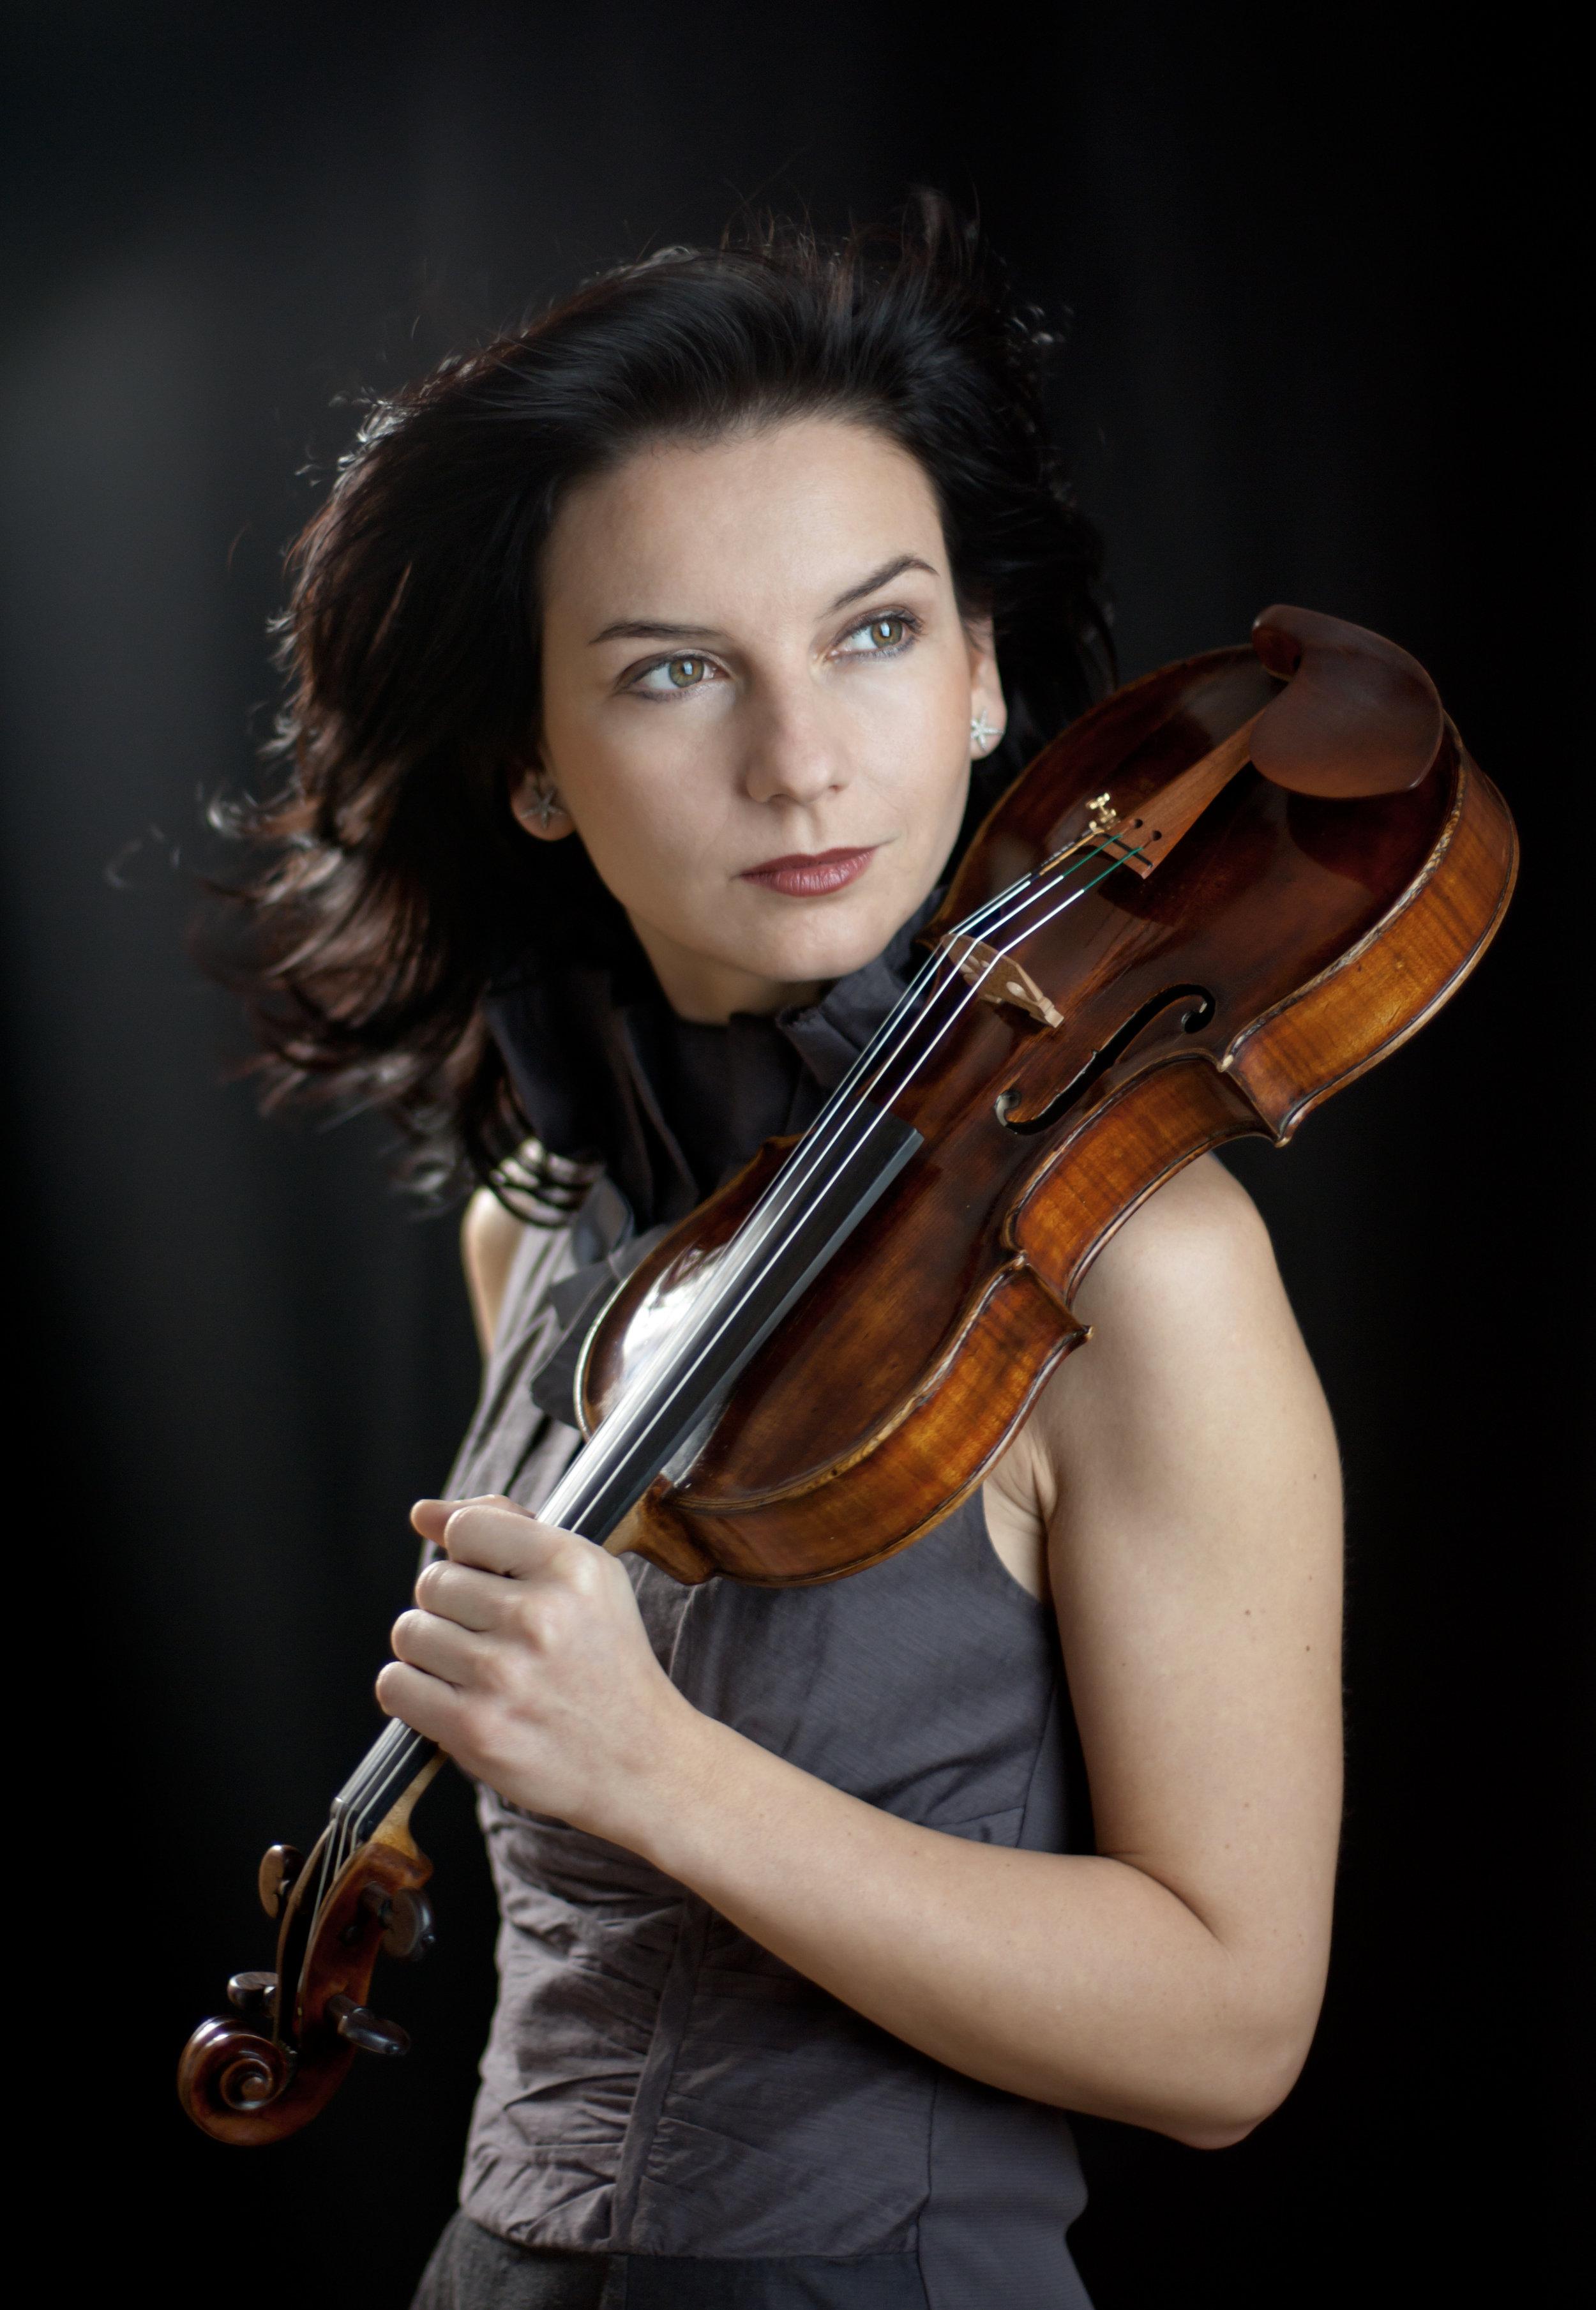 """BIOGRAPHIE - Teodora Sorokow (geboren Kasmetska) wurde 1977 als Tochter eine Musikerfamilie in Sofia geboren. Sie erhielt ihren ersten Violinunterricht im Alter von vier ein halb Jahren an der Musikschule """"L.Pipkov """" in Sofia bei Irina Dragneva, danach wechselte sie zu Garnik Goukasjan und Prof. Evguenya-Maria Popova.Im Jahr 1993 übersiedelte die Familie nach Lissabon, wo Teodora Sorokow den weiteren Geigenunterricht bei Prof. Valentin Stefanof erhielt.Von 1994 bis 2002 studierte sie an der Universität für Musik und darstellende Kunst in Wien bei Prof. Johannes Meissl sowie Prof. Josef Hell und schloss ihren ersten Studienabschnitt mit Auszeichnung ab.Im Jahr 2002 setzte sie ihr Studium an der Folkwanghochschule Essen bei Prof. Mincho Minchev fort und schloss im Februar 2004 ihre Diplomprüfung mit Auszeichnung ab.Teodora Sorokow bekam während ihres Studiums Stipendien von der Tokyo Fondation und von der Universität für Musik und darstellende Kunst in Wien.Im Jahr 1998 gewann sie das Konzertmeister-Probespiel beim Wiener Jeunesse Orchester und spielte mit dem Orchester im Berliner Festspielhaus, Concertgebouw Amsterdam, Wiener Musikverein, Grossen Saal des Moskauer Konservatoriums und nahm am """" World Jouth Musik Forum"""" in Moskau unter der Leitung von Maestro Valeri Gergiev teil.Teodora Sorokow hat schon während ihres Studiums zahlreiche Soloauftritte im Wiener Konzerthaus, Musikverein, Radiokulturhaus in Wien, beim Benefizkonzert im Wiener Börsensaal unter der Patronage von Lord Yehudi Menuhin und im Rahmen eines Benefizkonzertes in Bundeskanzleramt Wien absolviert.Weitere Solo- und Kammermusikauftritte führten sie nach Luxemburg, Deutschland, Österreich, Portugal, Italien, Bulgarien und Frankreich.Im Jahr 2010 haben Teodora Sorokow und die Pianistin Ruzha Semova ihr Kammermusik-Duo gegründet und sie konzertieren regelmässig beim verschiedenen Festivals in ganz Europa und Asien. Drei Jahre später ist ihre erste CD erschienen, welche im Wiener Konzerthaus aufgenommen """